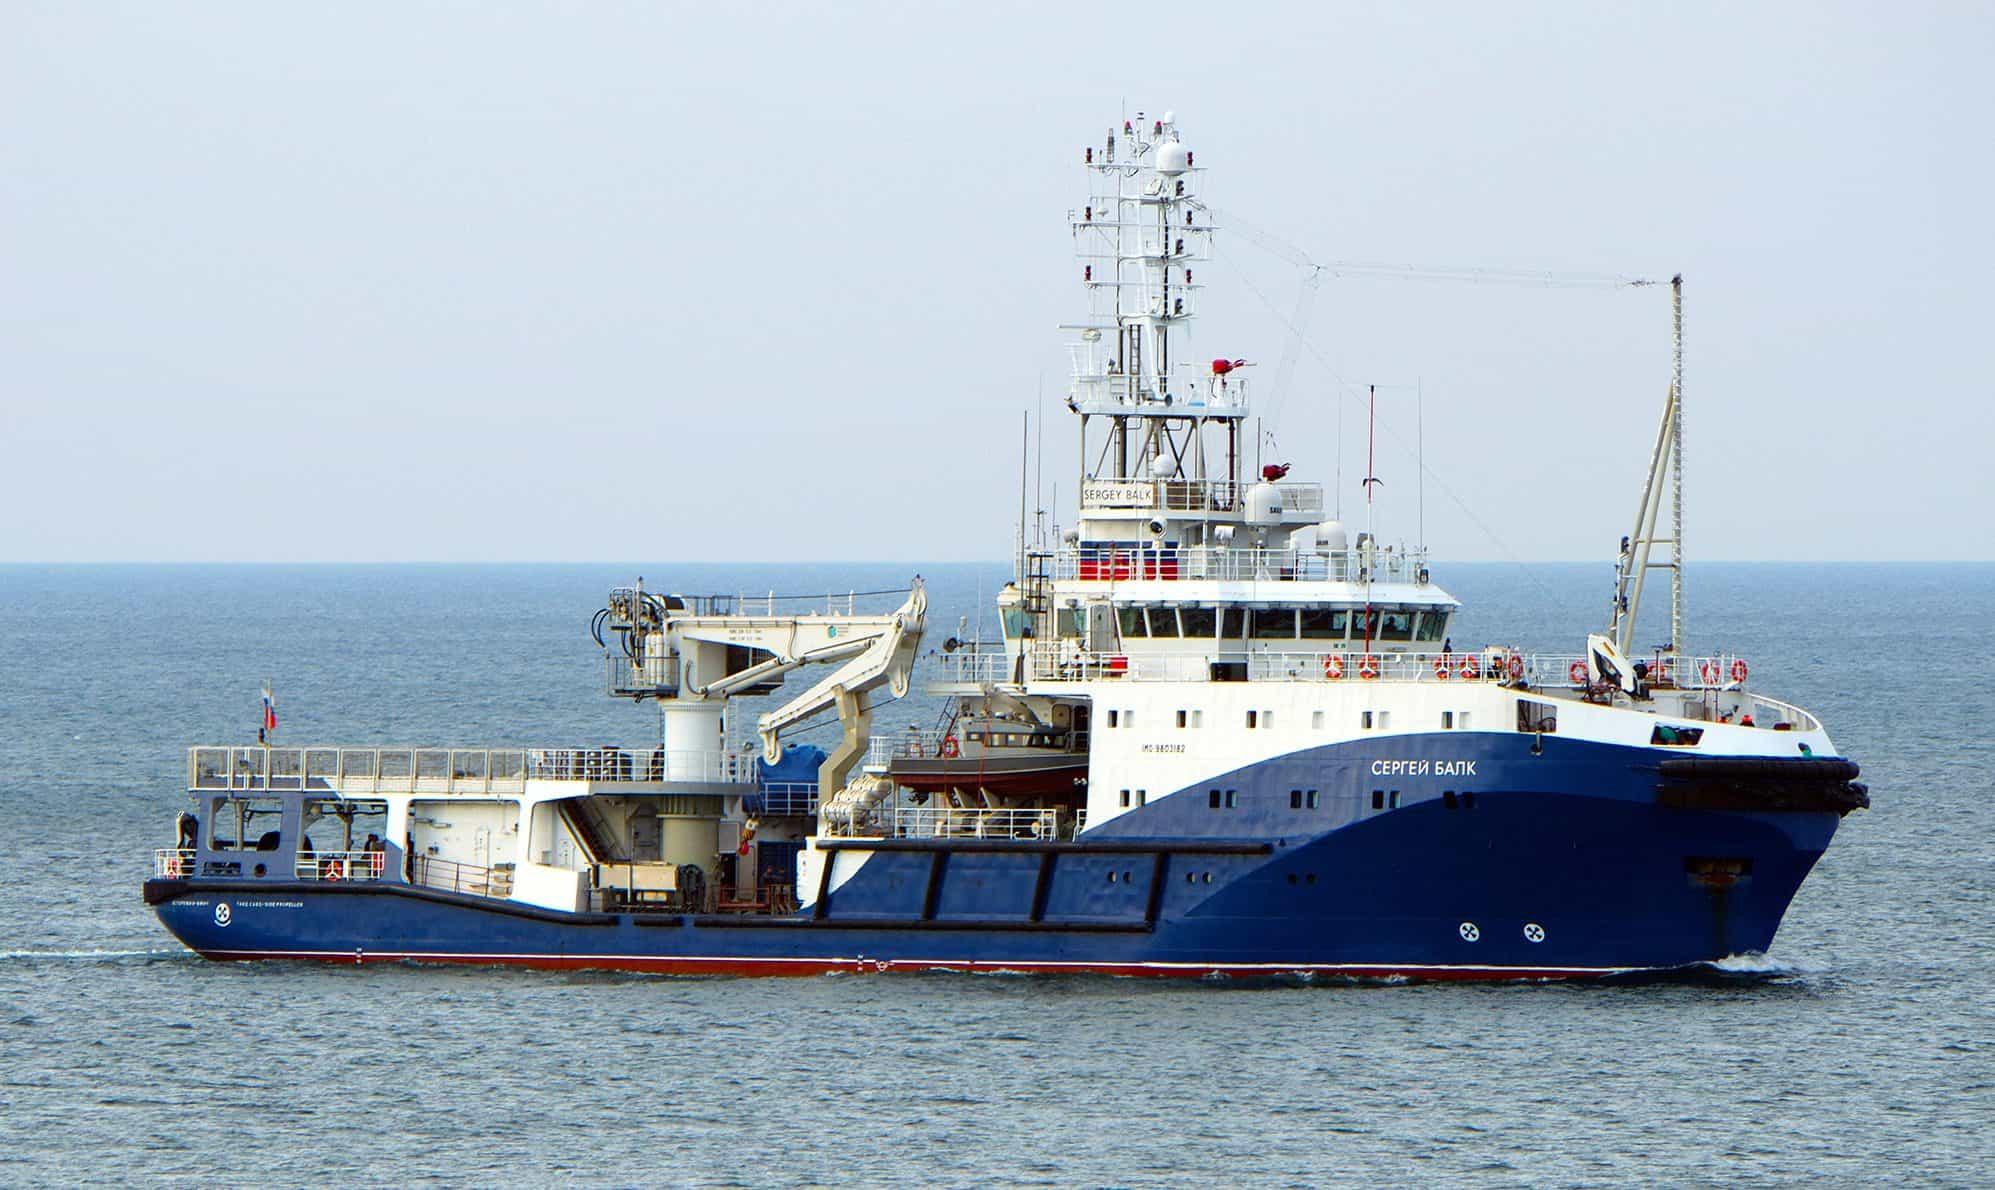 Морський буксир «Сергей Балк» на ходу 04 жовтня 2020 року. Фото - А. Бричевський